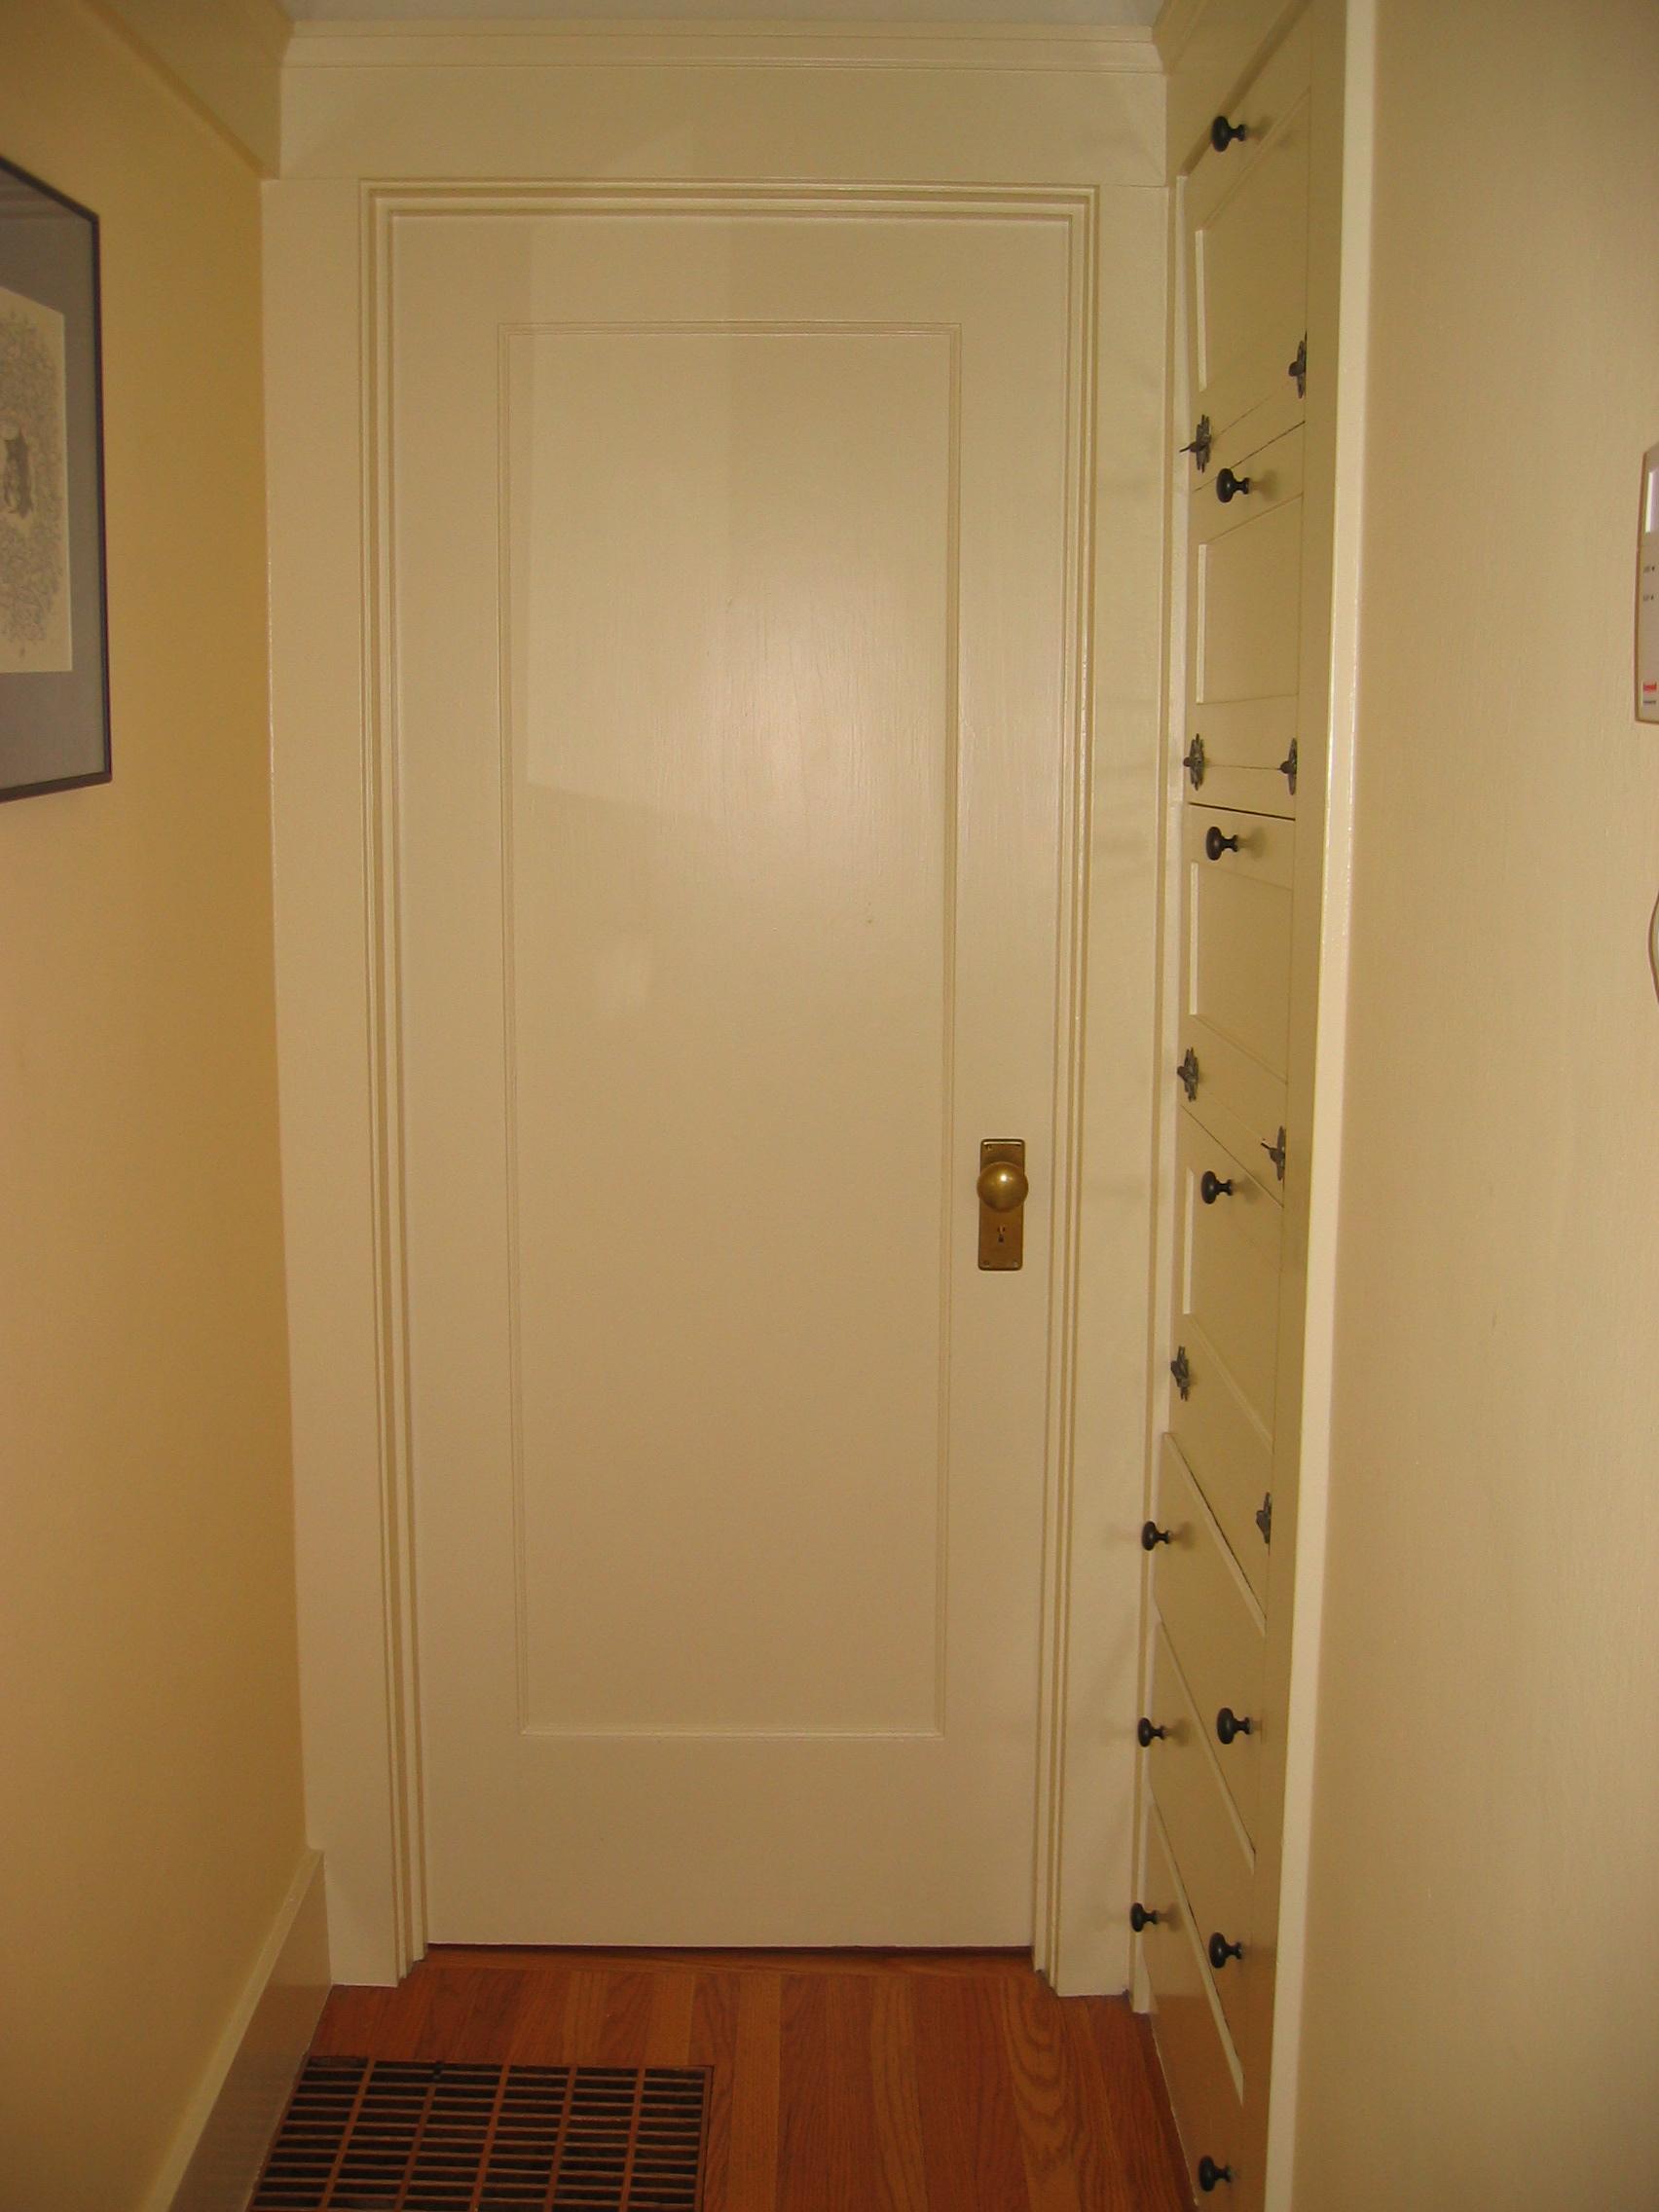 Bedroom Door With Lock: Images Of Bedroom Doors